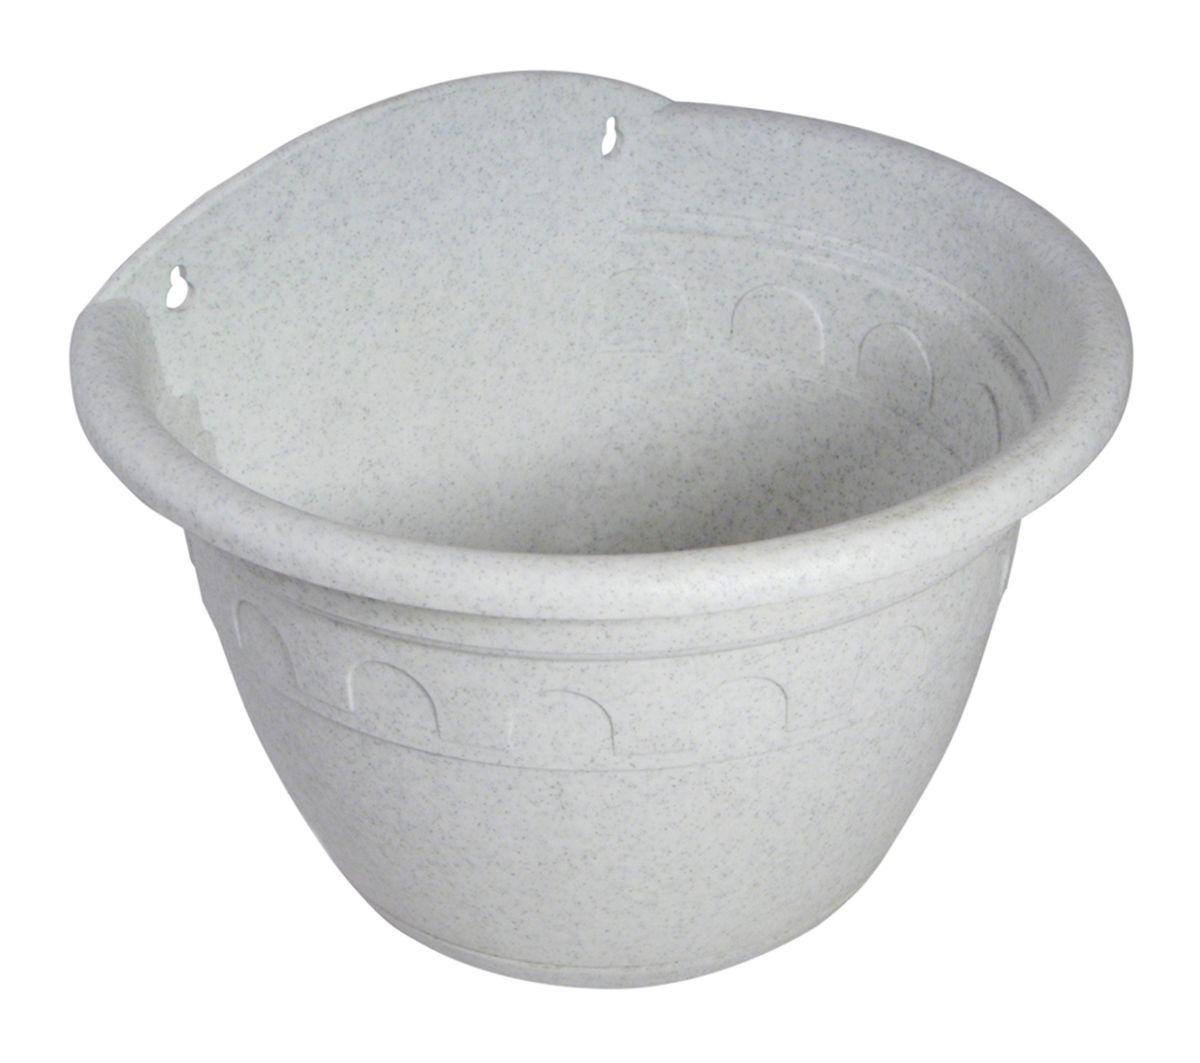 """Настенное кашпо Martika """"Колывань"""" изготовлено из высококачественного пластика и имеет два удобных отверстия для крепления.Изделие прекрасно подойдет для выращивания растений дома и на приусадебных участках. Диаметр (по верхнему краю): 24 см.Высота: 16 см."""